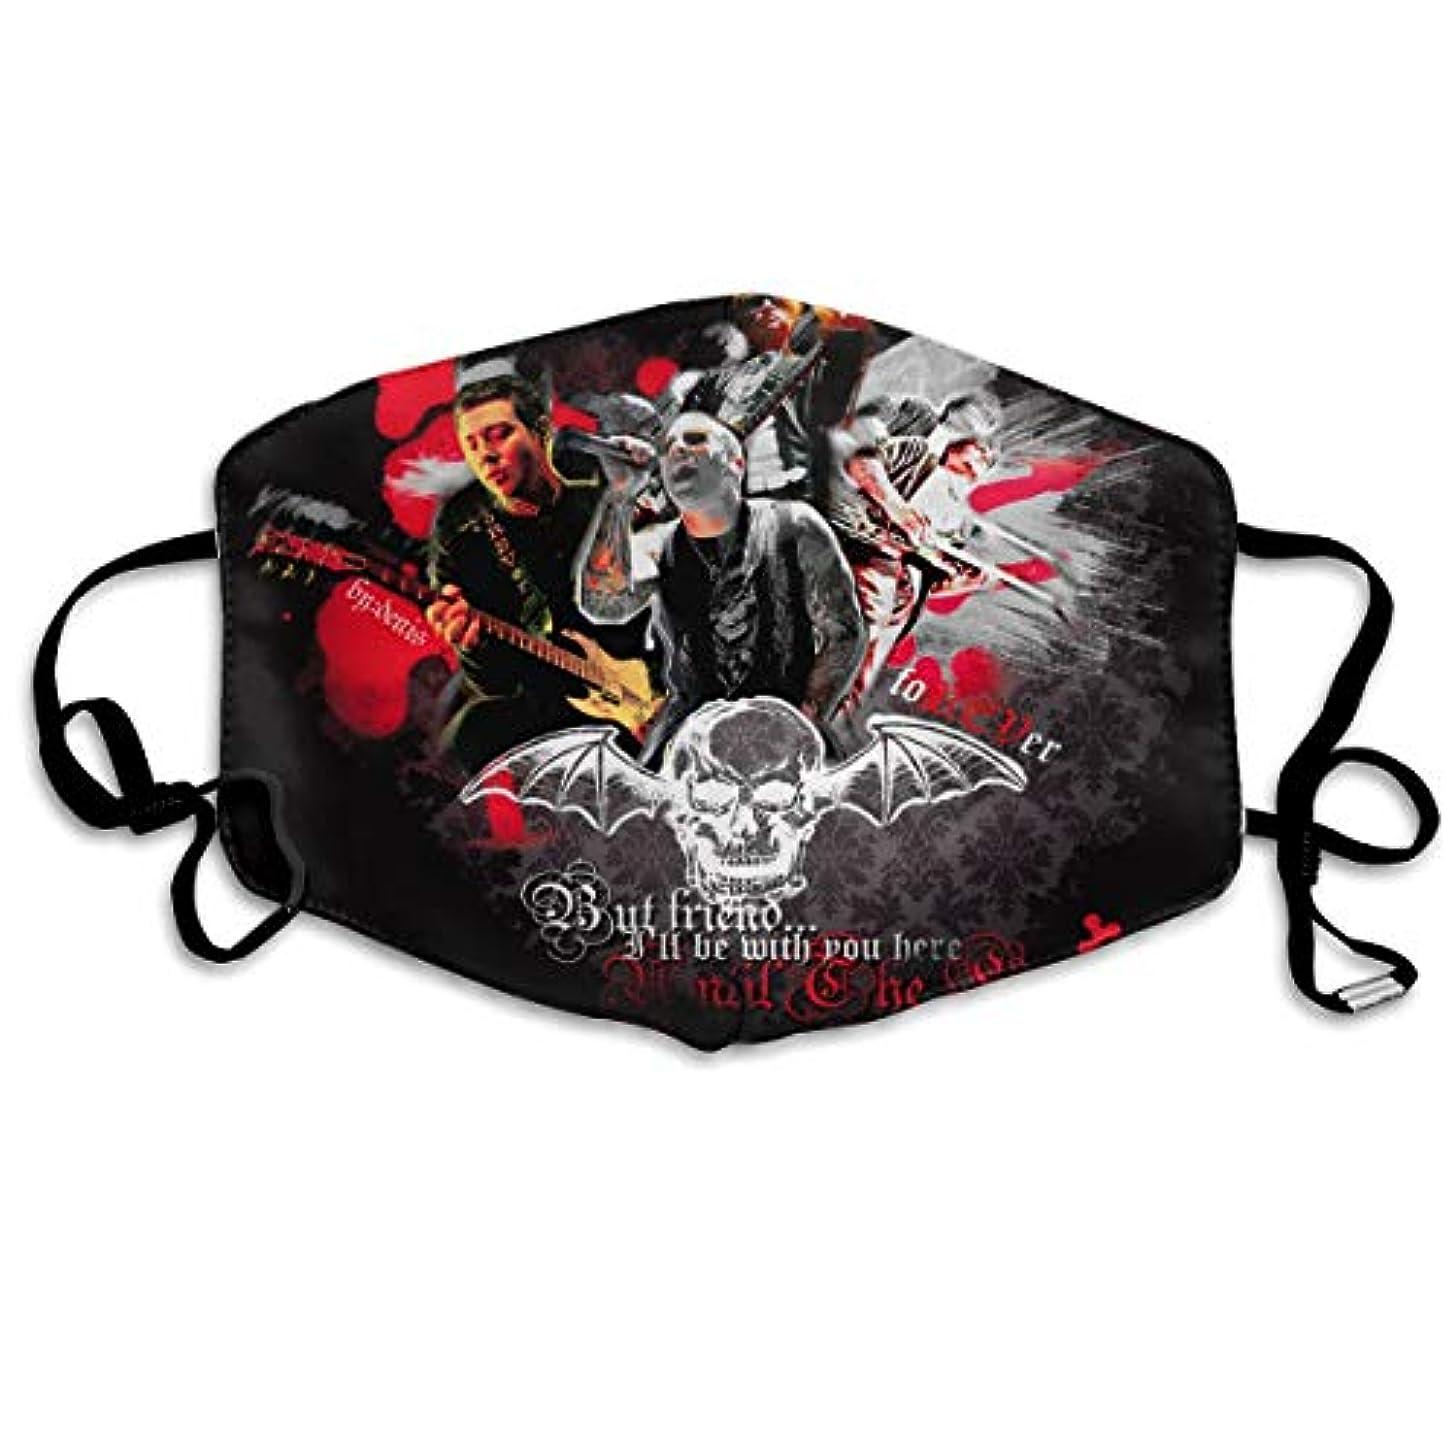 枯れる報告書注文マスク 男のマスク 女性のマスク Avenged Sevenfold 病気を防ぐ、風邪を予防する、インフルエンザの季節性風邪を予防する、口と鼻を保護する、パーソナライズドマスク